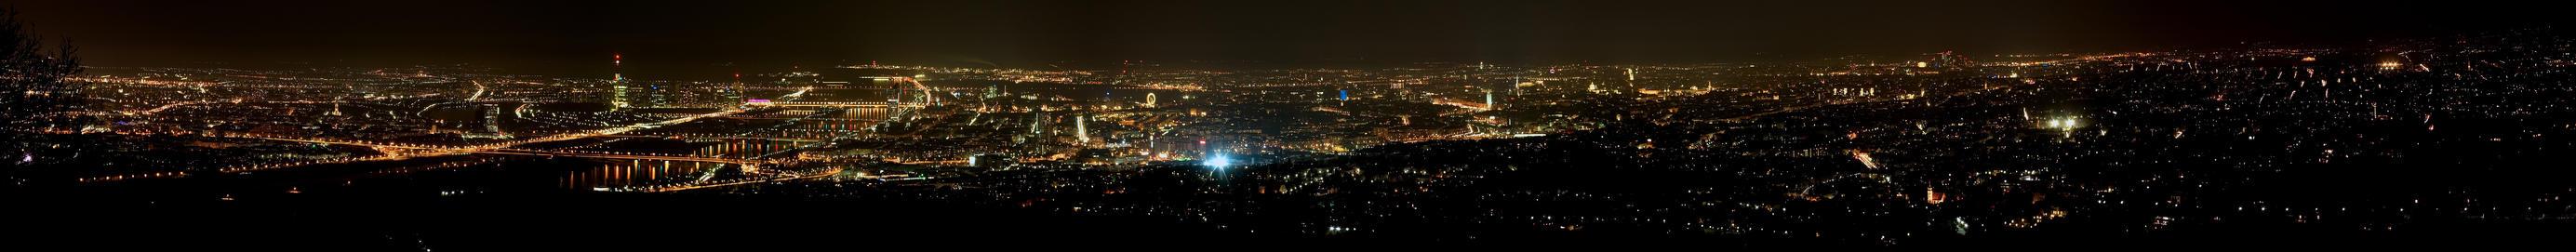 Vienna city night panorama